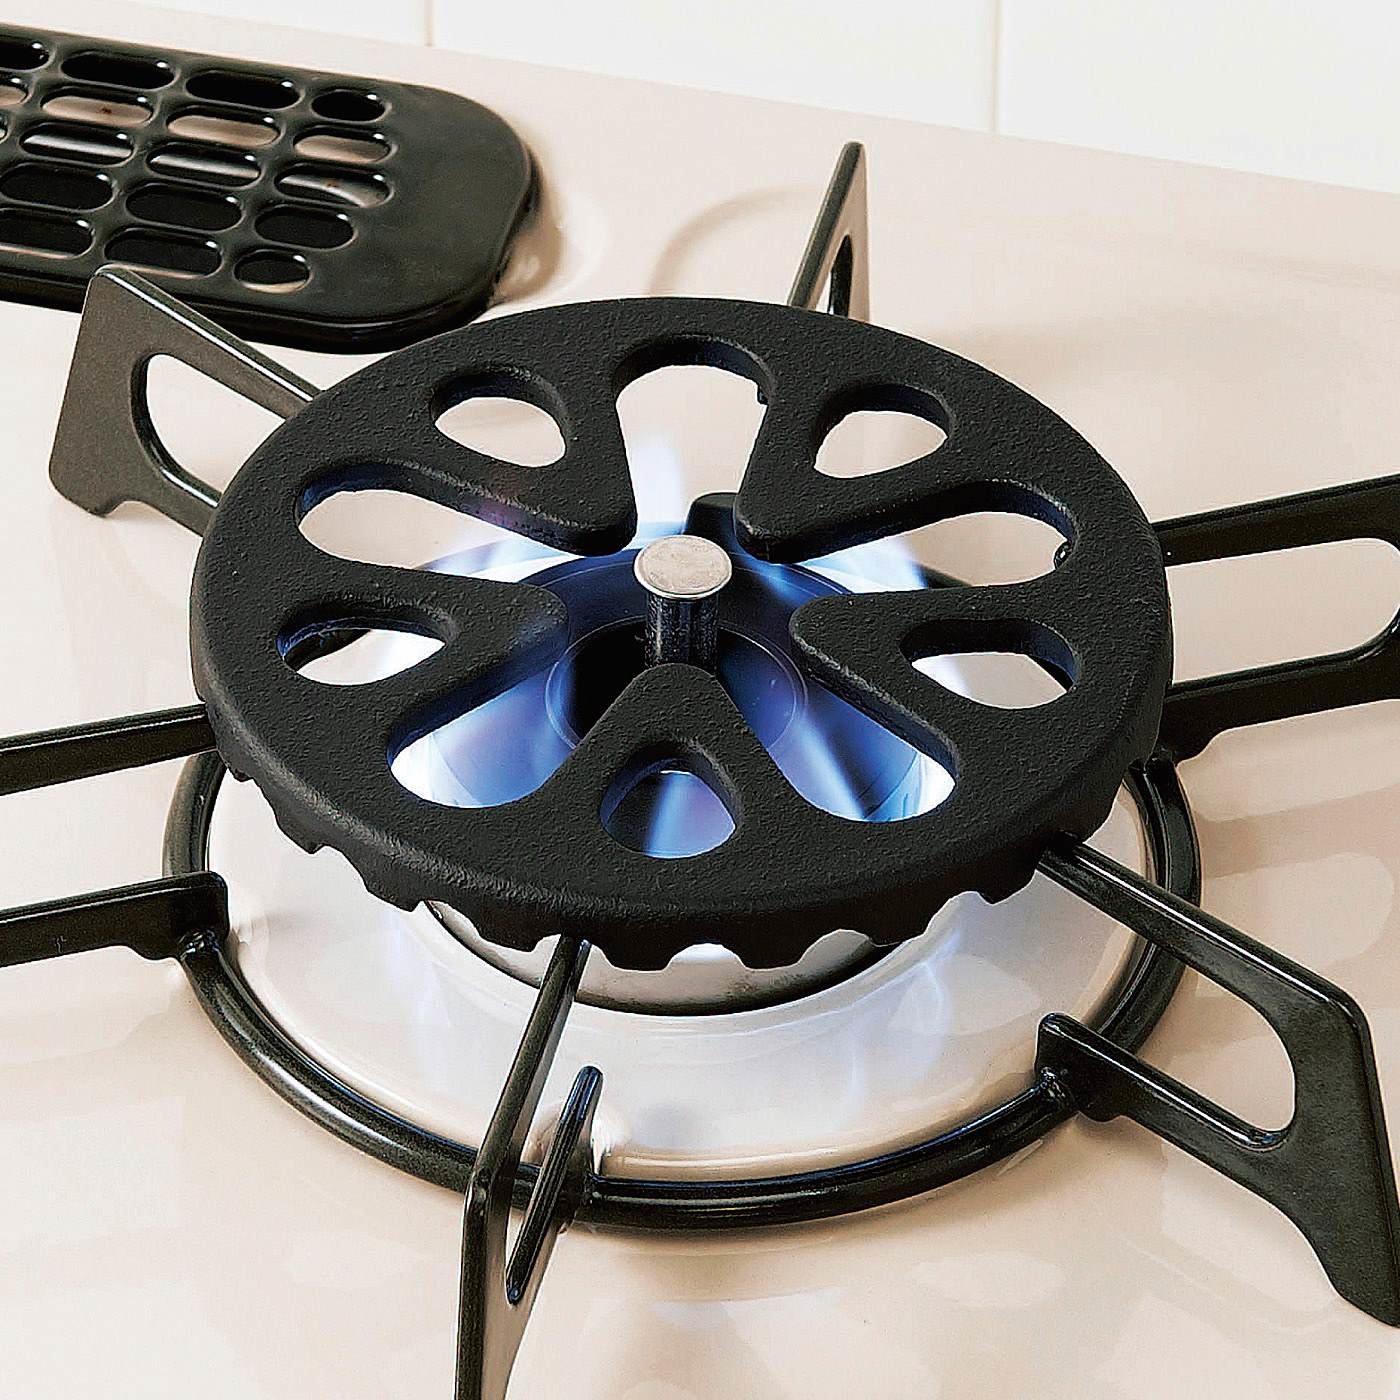 小さい鍋のガタつき防止 ガスコンロの上にのせるミニ五徳